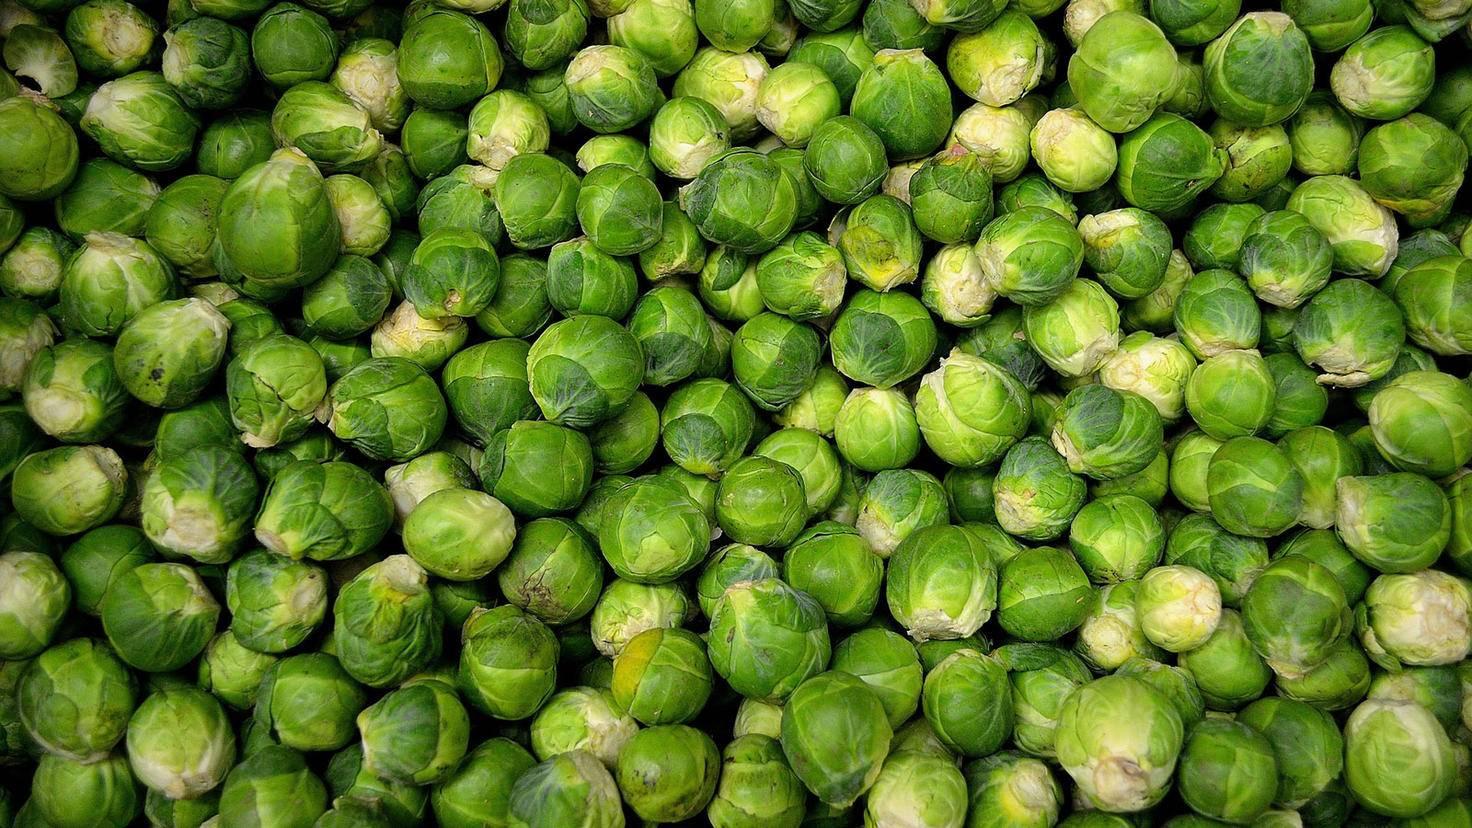 Rosenkohl und andere Kohlarten liefern jede Menge Einweiß und wichtige Vitamine.